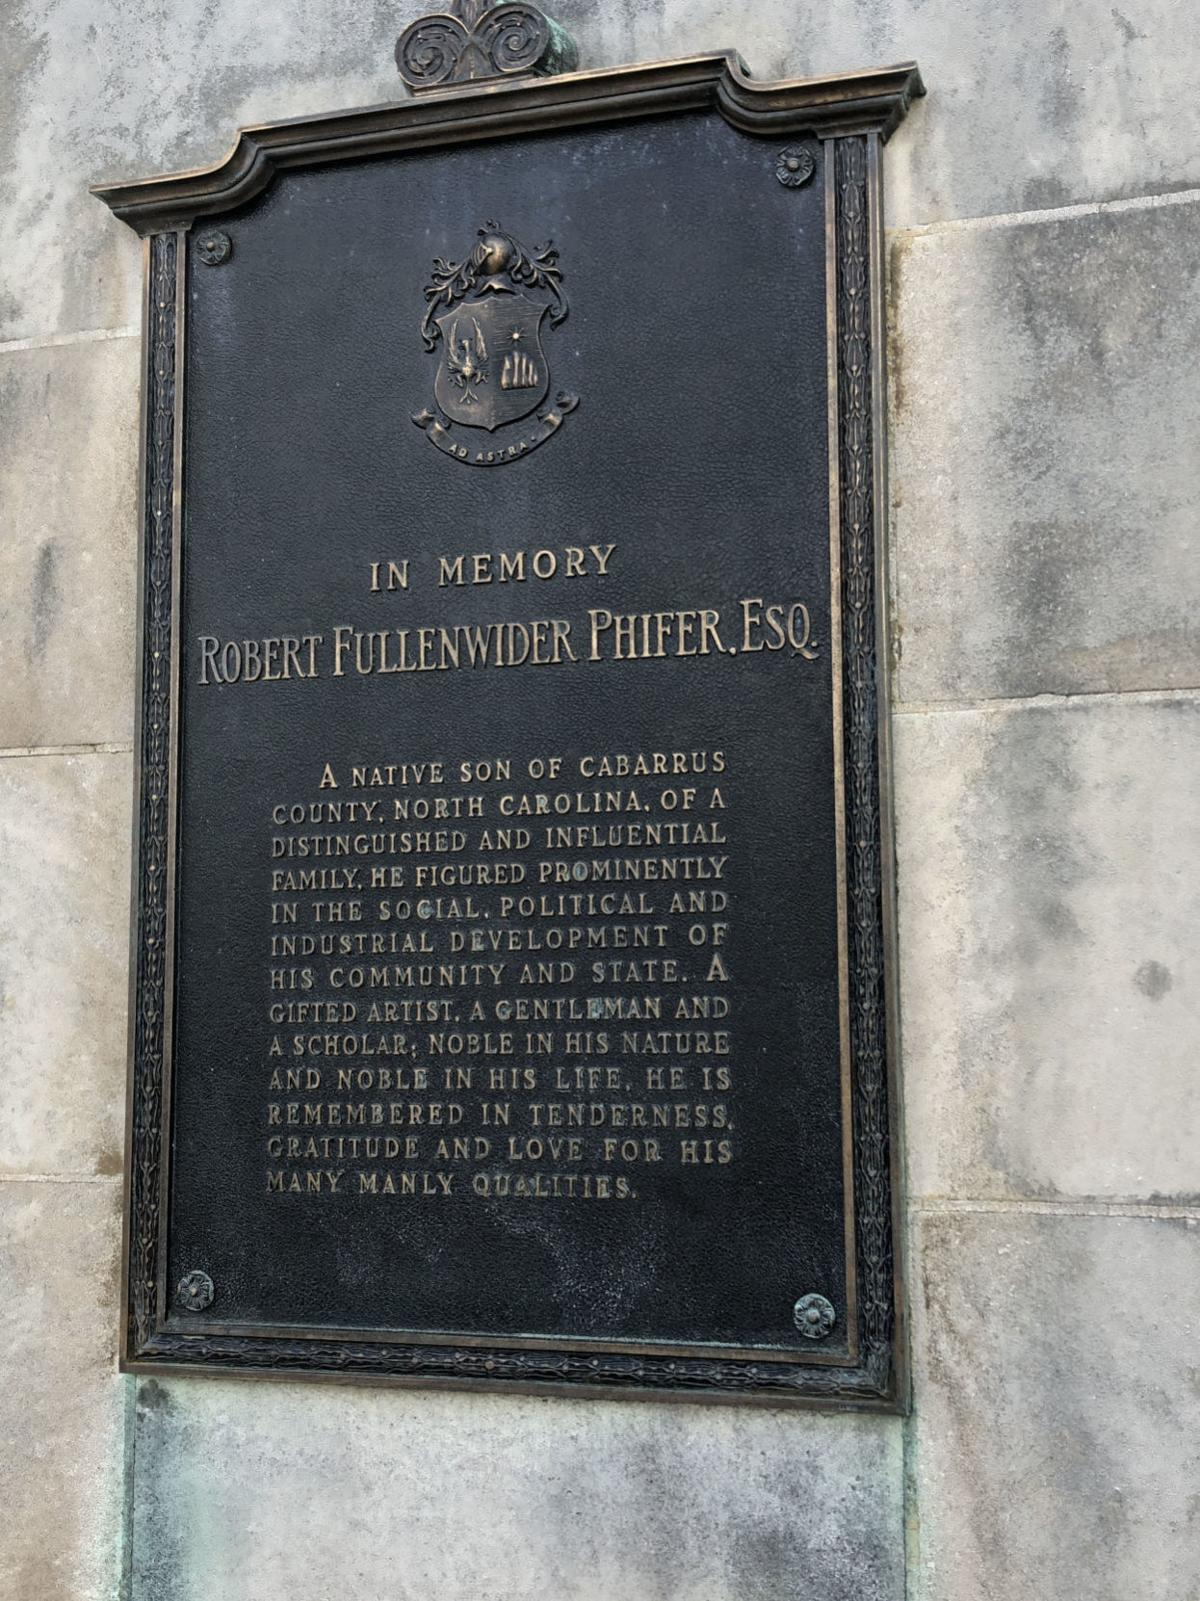 Robert Fullenwider Phifer Esq.